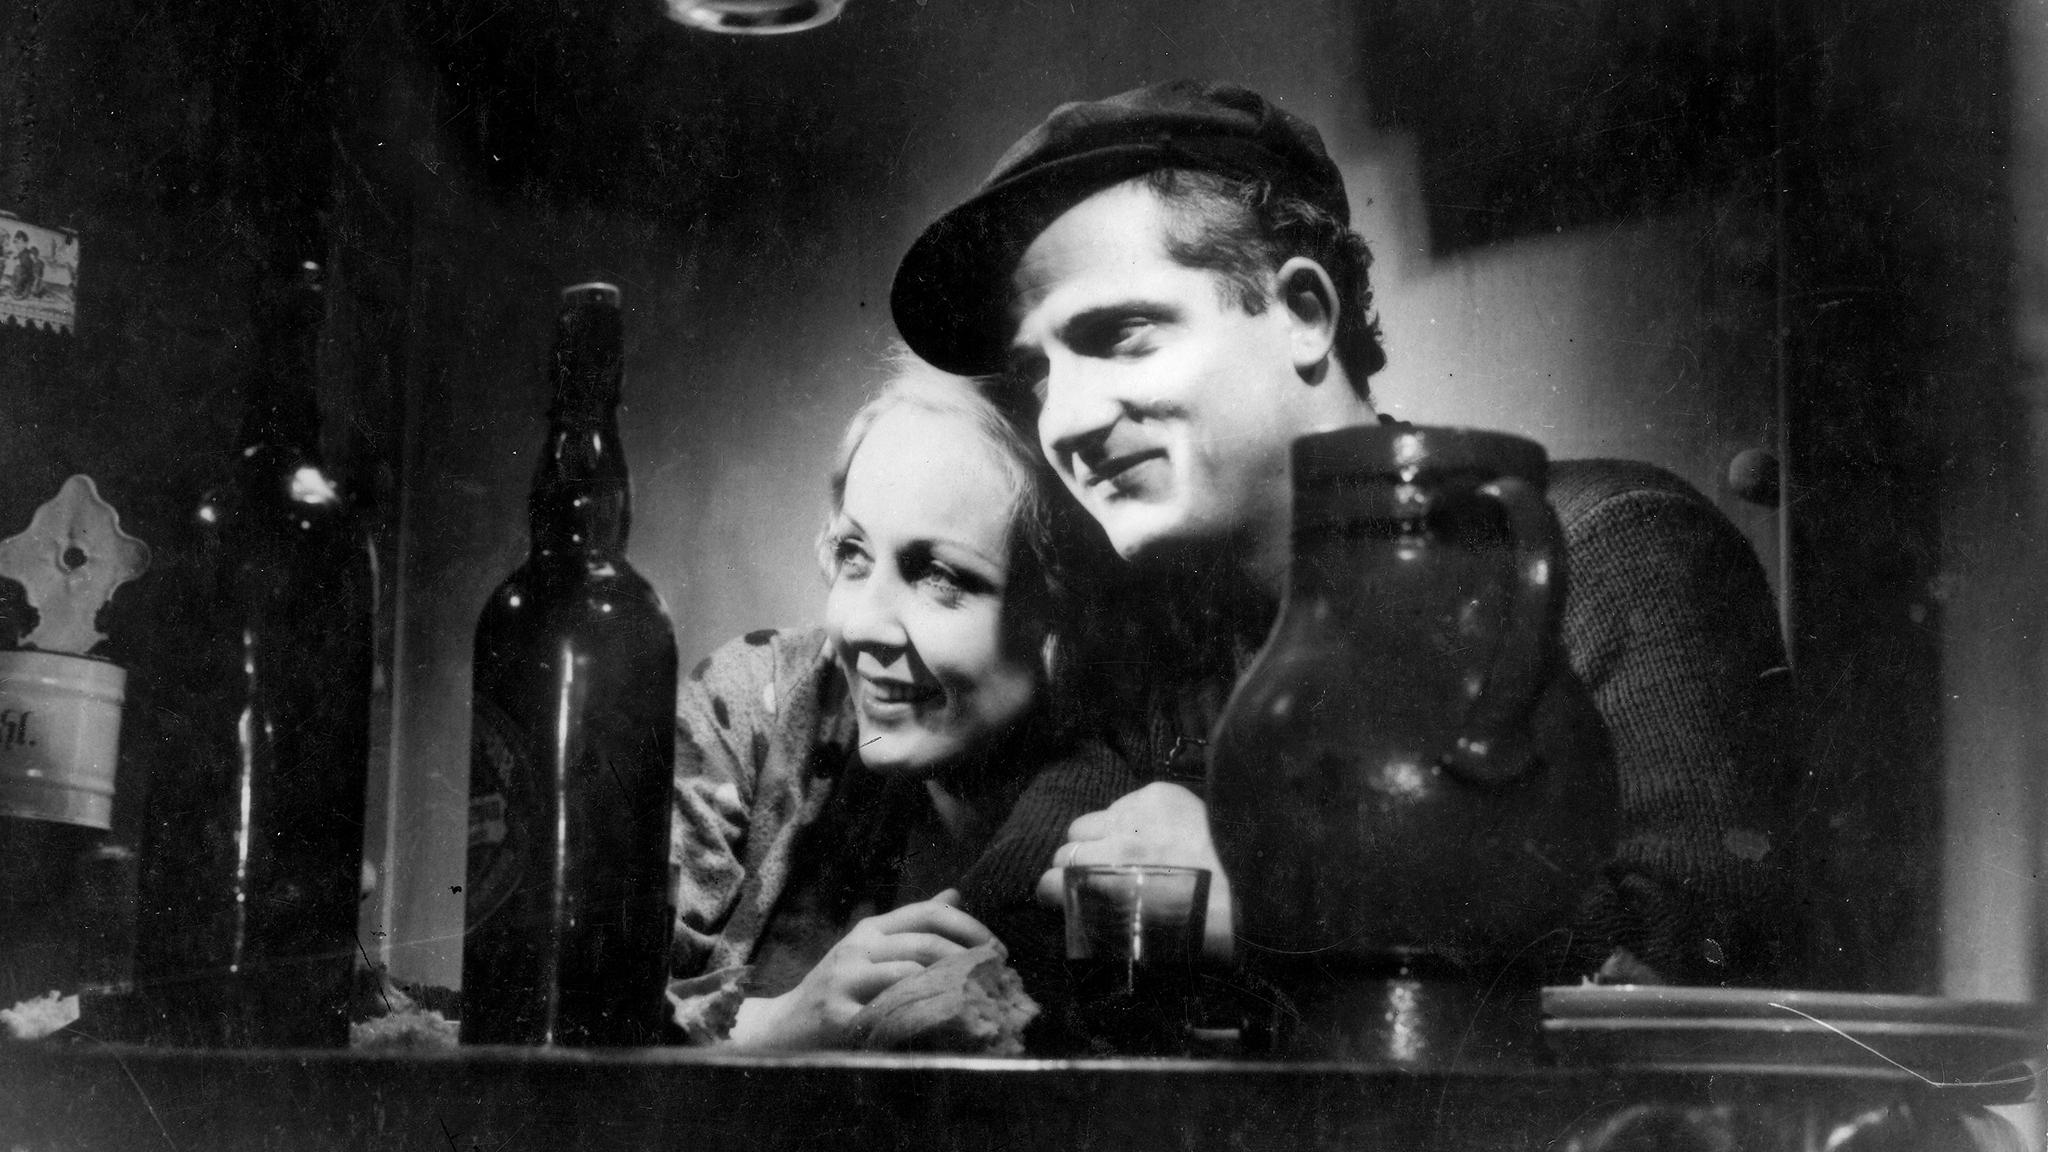 #9) L'Atalante - (dir. 1936 - dir. Jean Vigo)